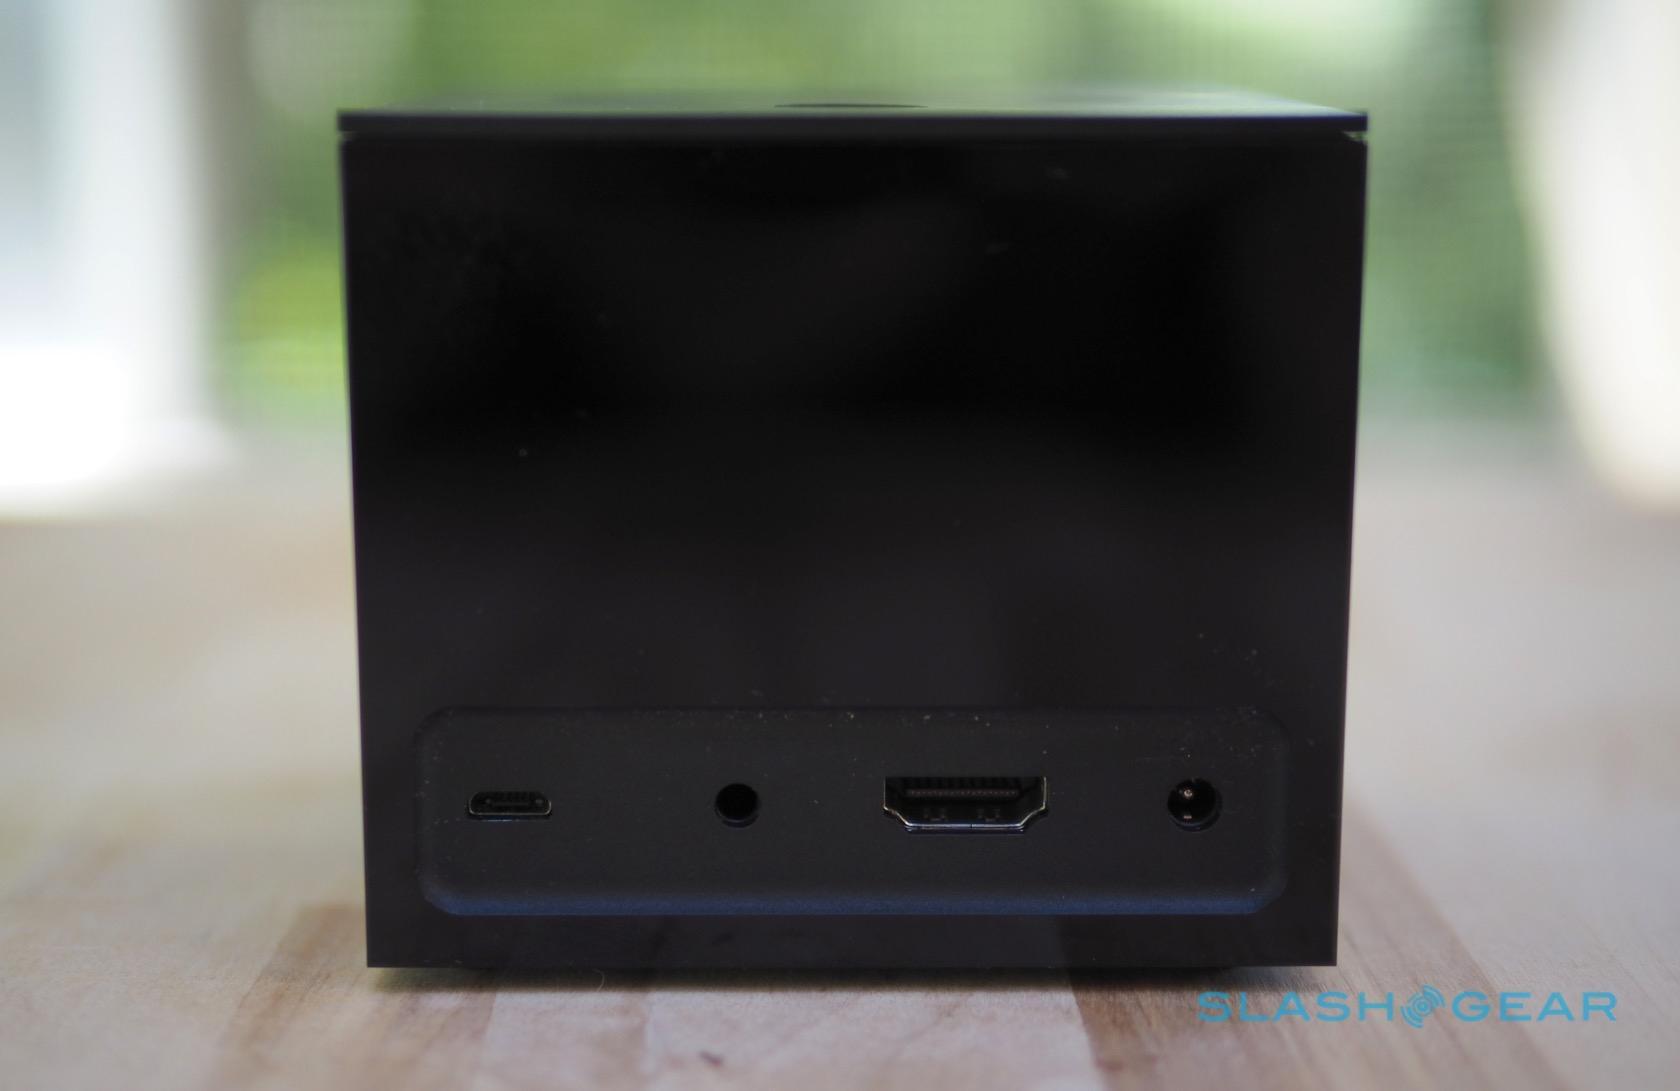 Amazon Fire TV Cube Review: Alexa, hide the remote - SlashGear